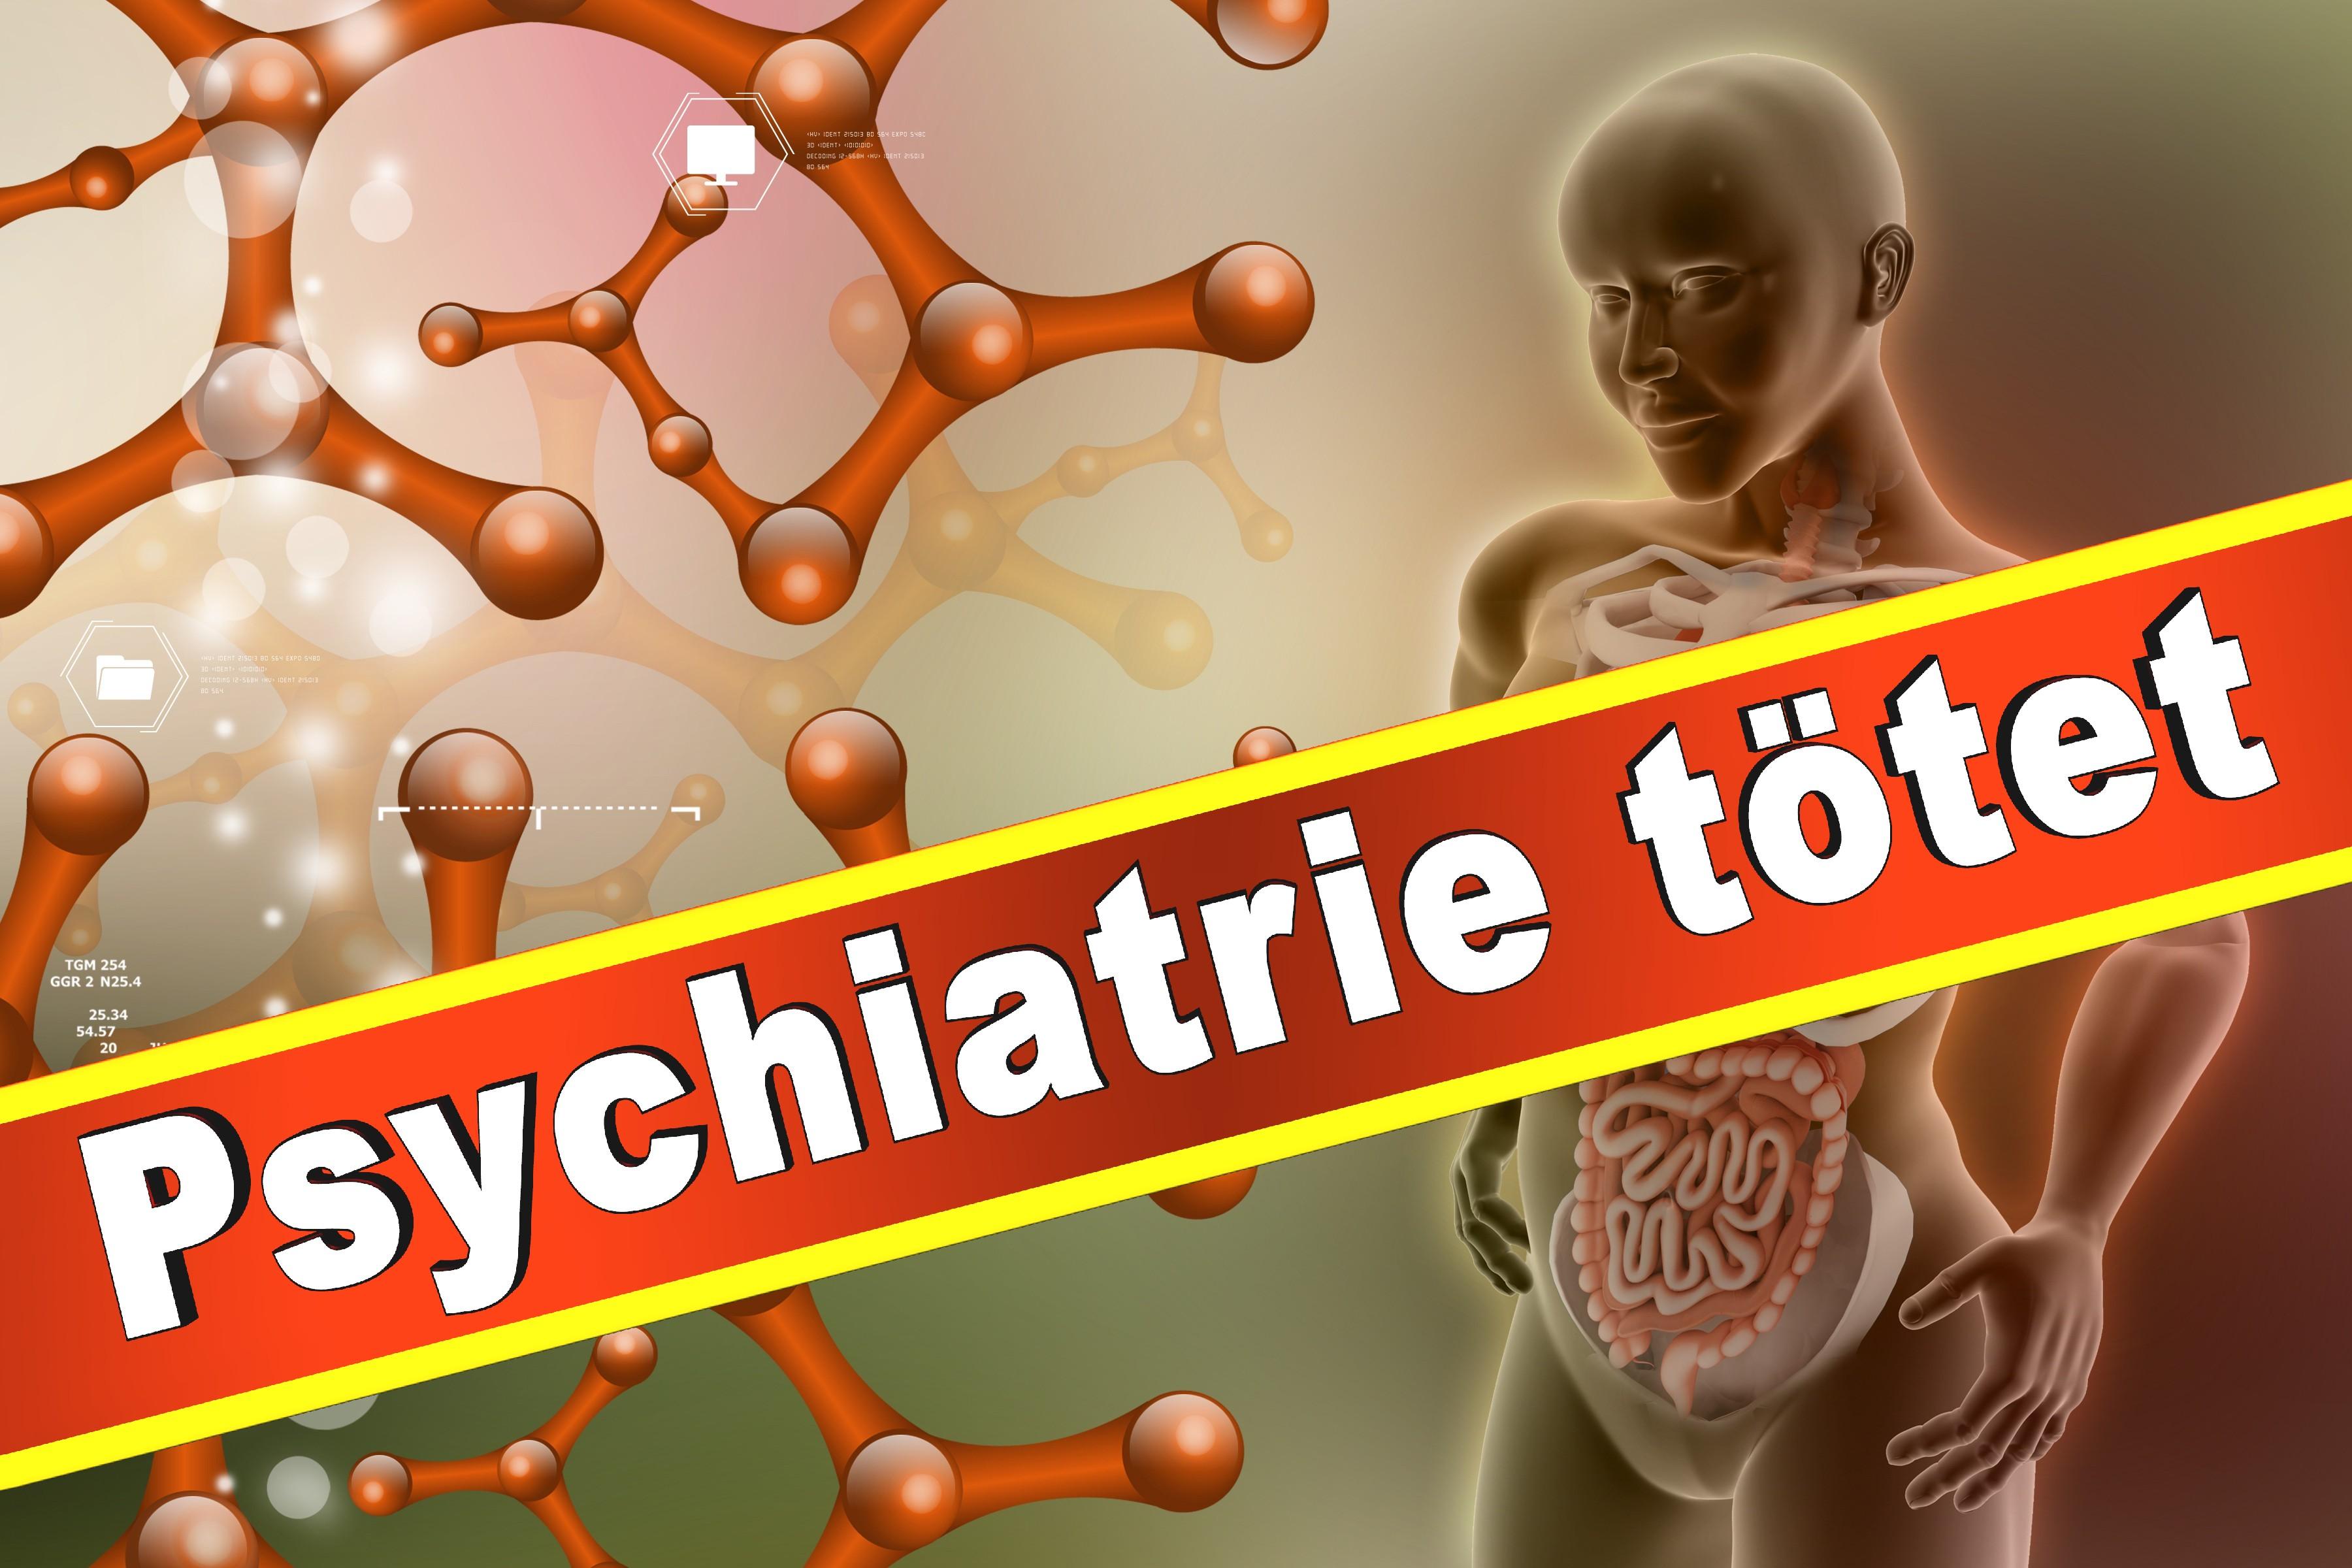 Wielant Machleidt Psychiater Psychotherapeut Professor Praxis Der Interkulturellen Psychiatrie Und Psychotherapie Medizinische Hochschule Hannover Klinik Für Psychiatrie Sozialpsychiatrie (33)